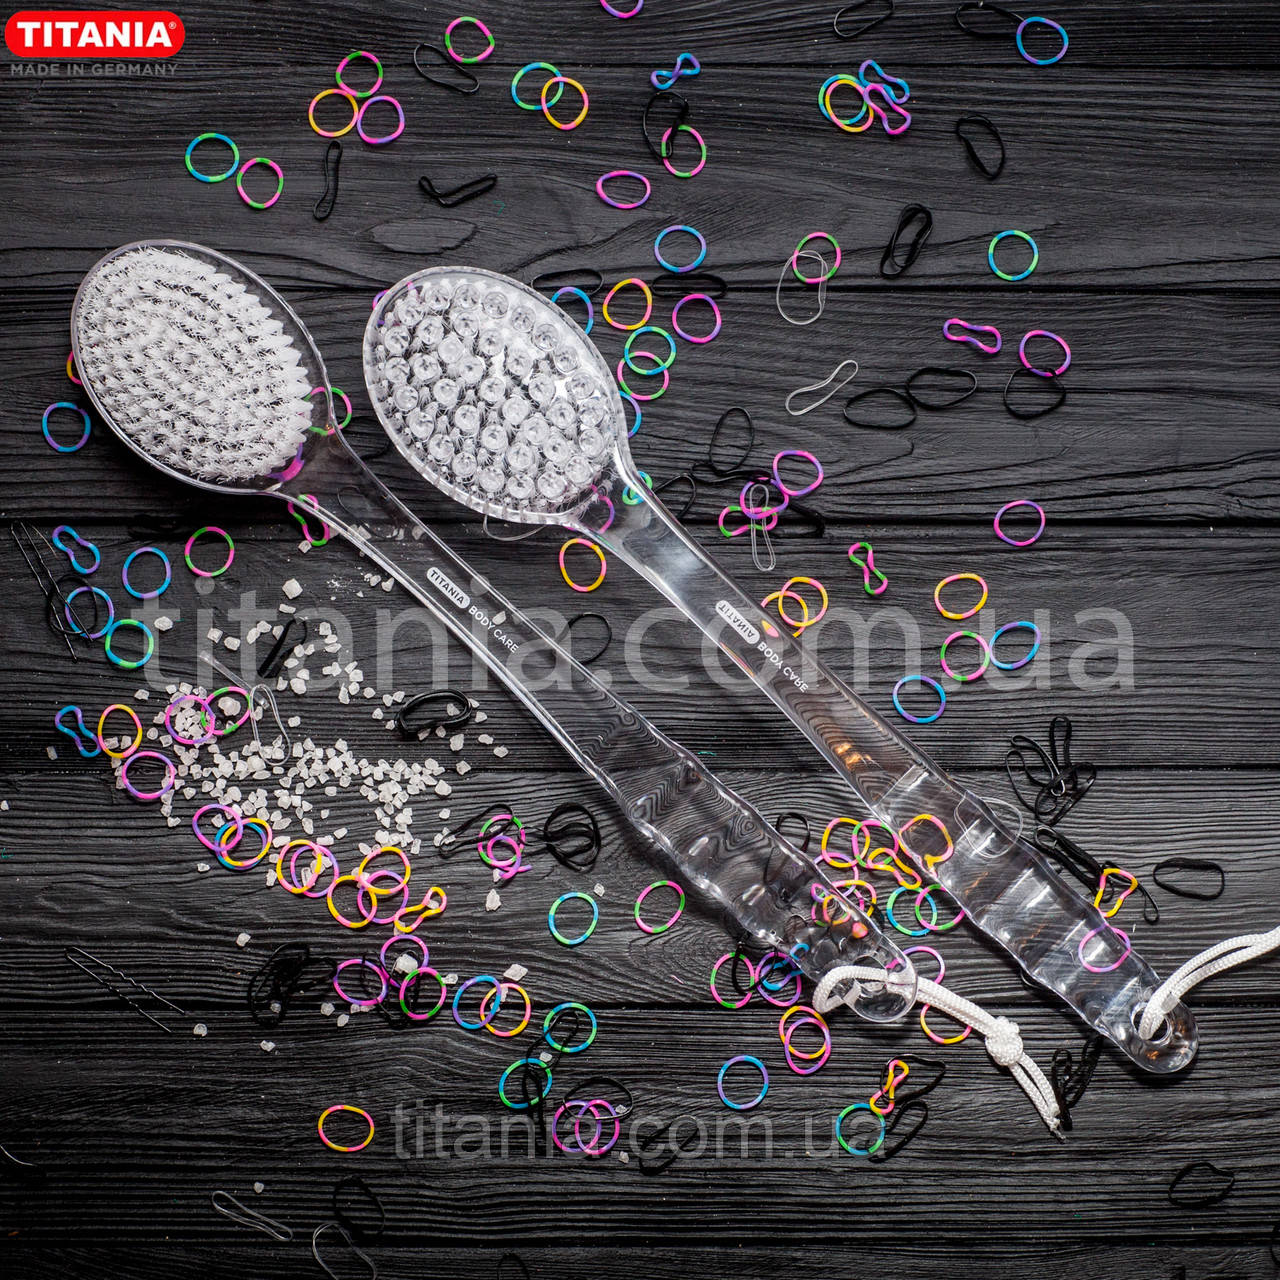 Массажная щетка на длинной ручке из синтетических материалов TITANIA арт.9115